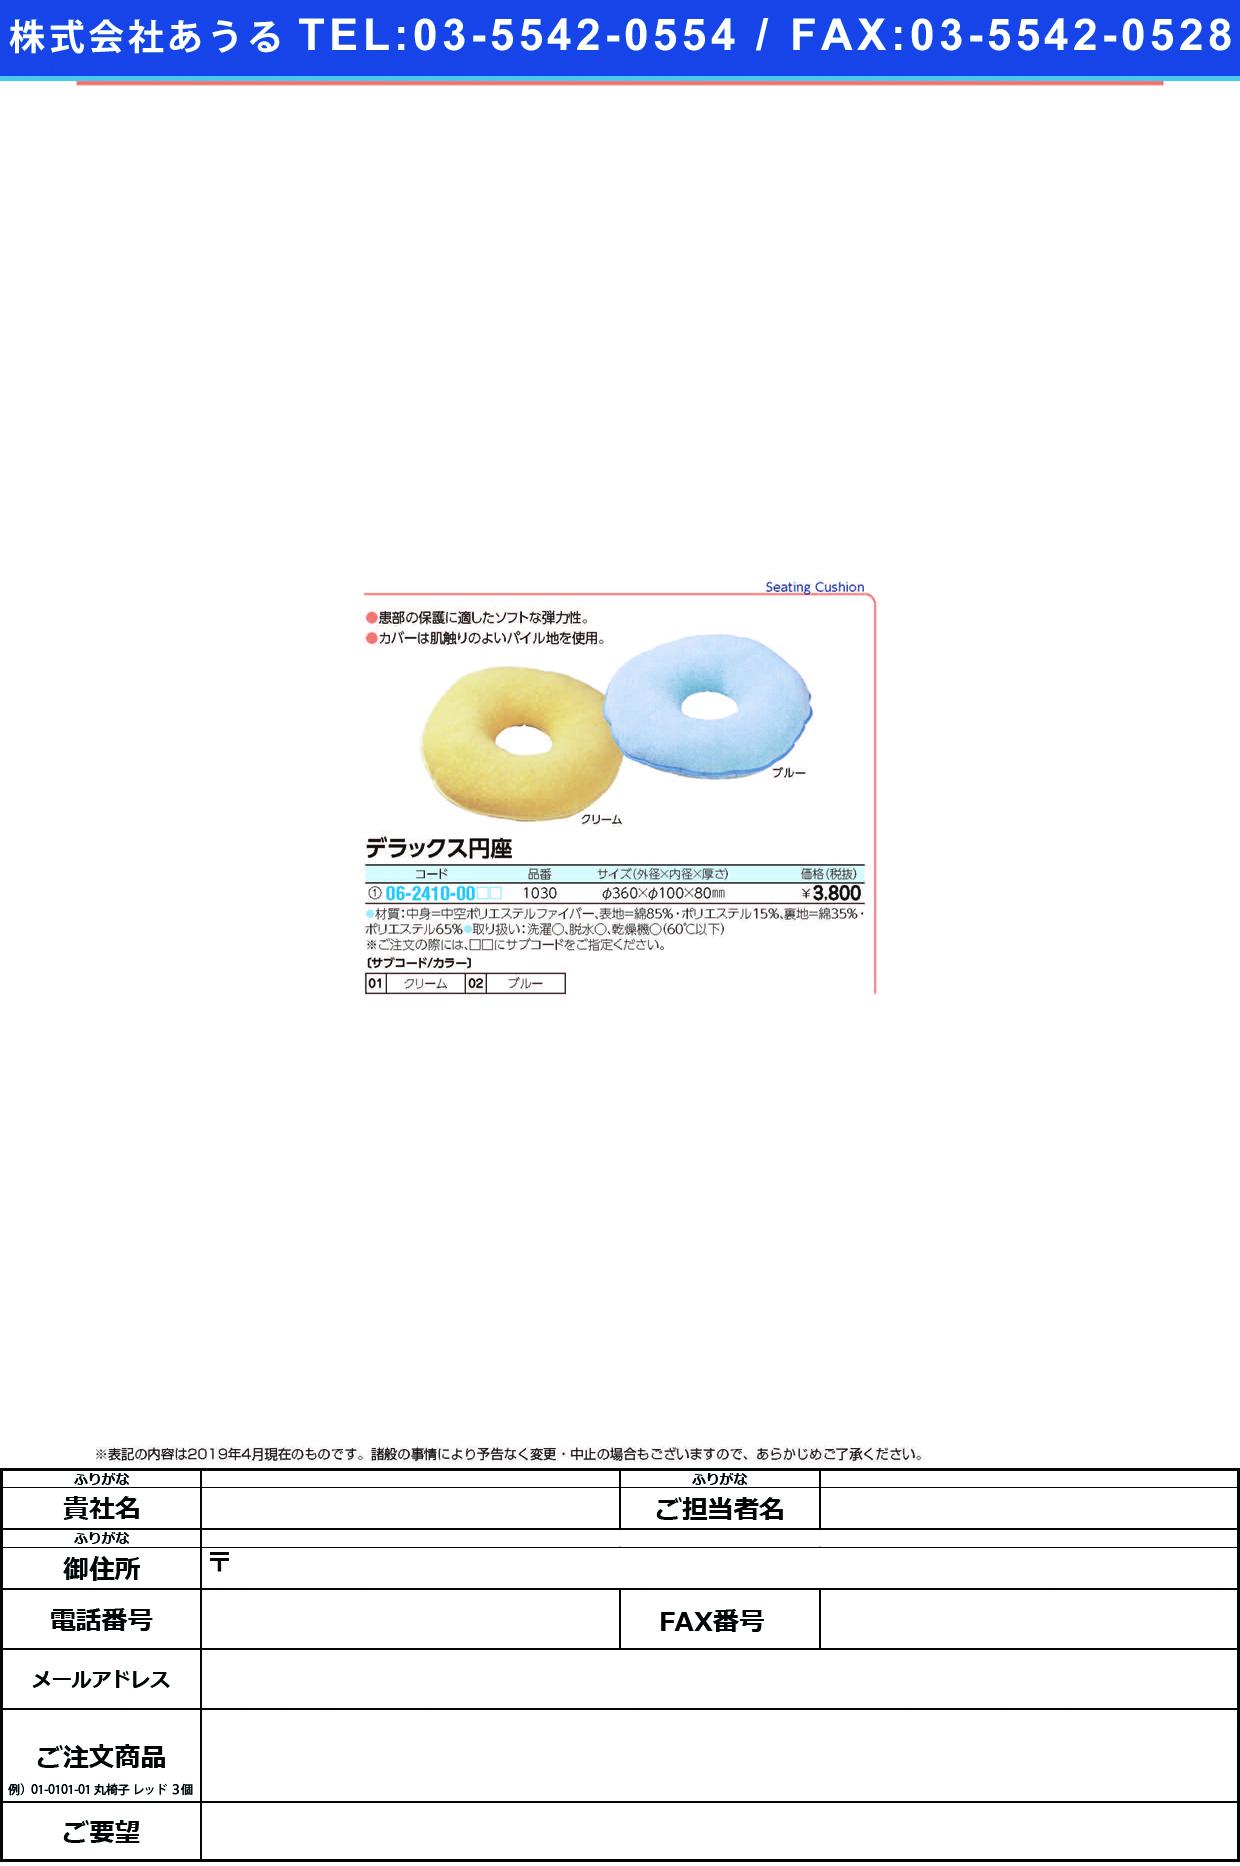 (06-2410-00)デラックス円座 1030(36CM) デラックスエンザ クリーム(日本エンゼル)【1個単位】【2019年カタログ商品】